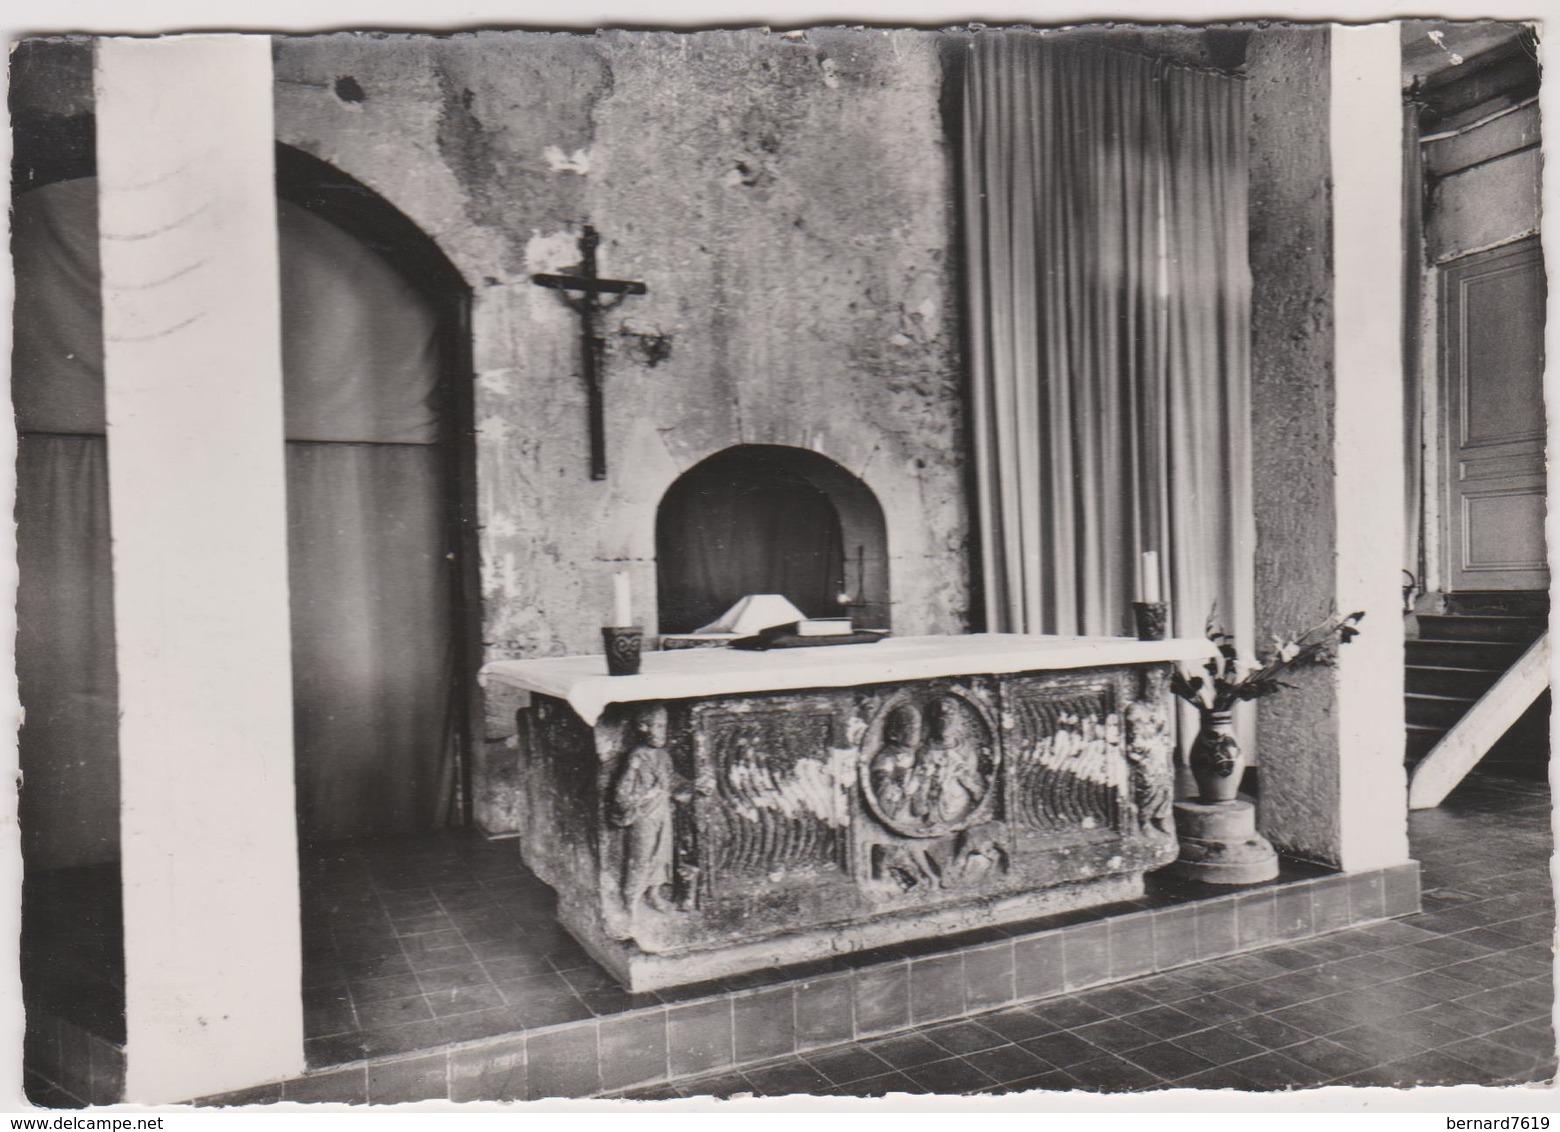 69 Eveux Sur L'arbresle  La Tourette Centre Saint Dominique La Chapelle  Sarcophage Paleochretien - Francia